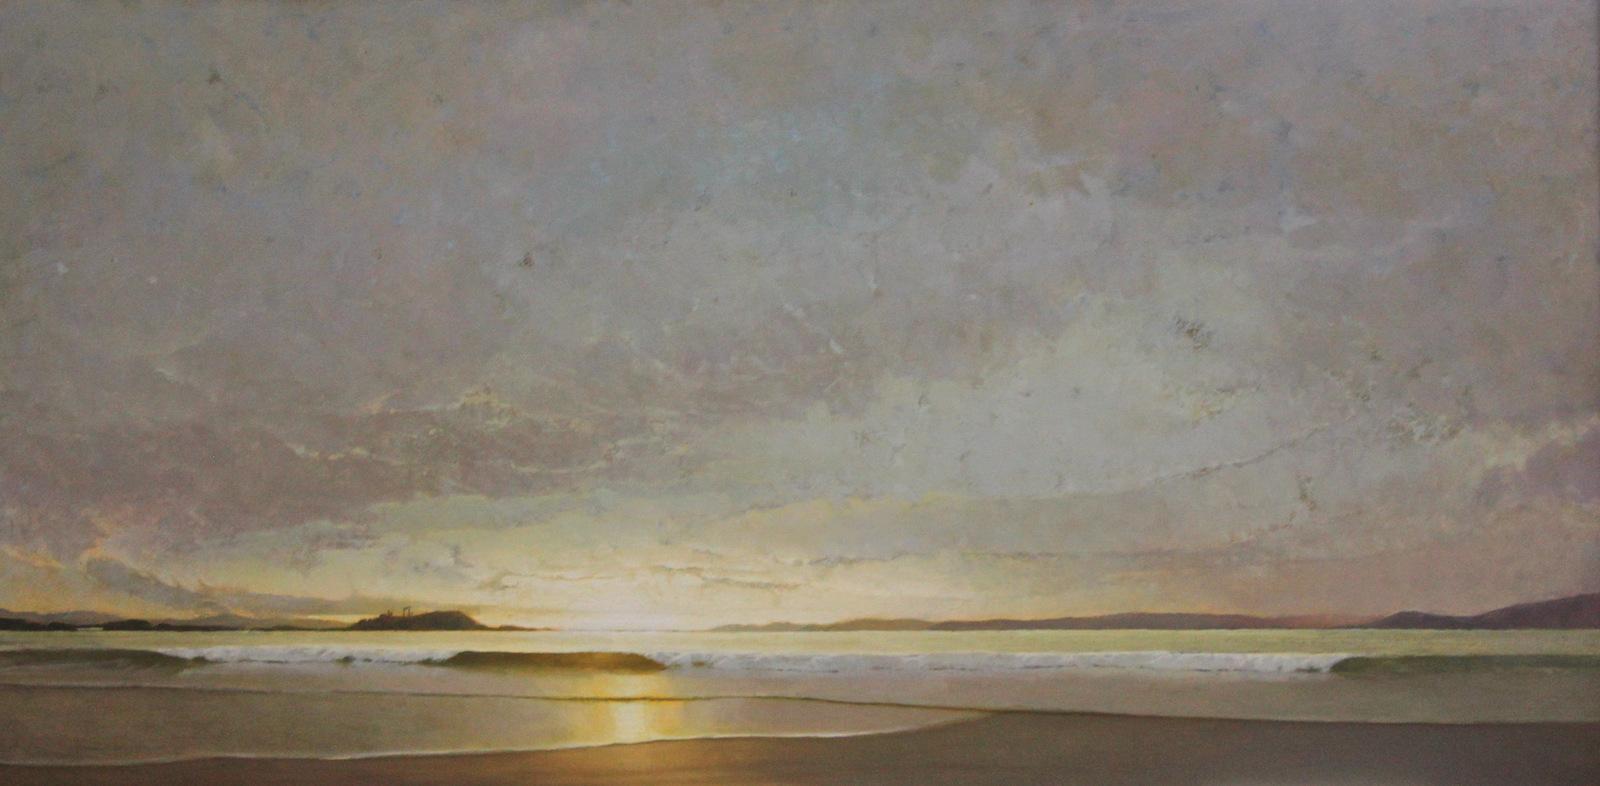 Martin A. Poole, Fine Art Portrait & Landscape Painting, SVFAL-012.jpg